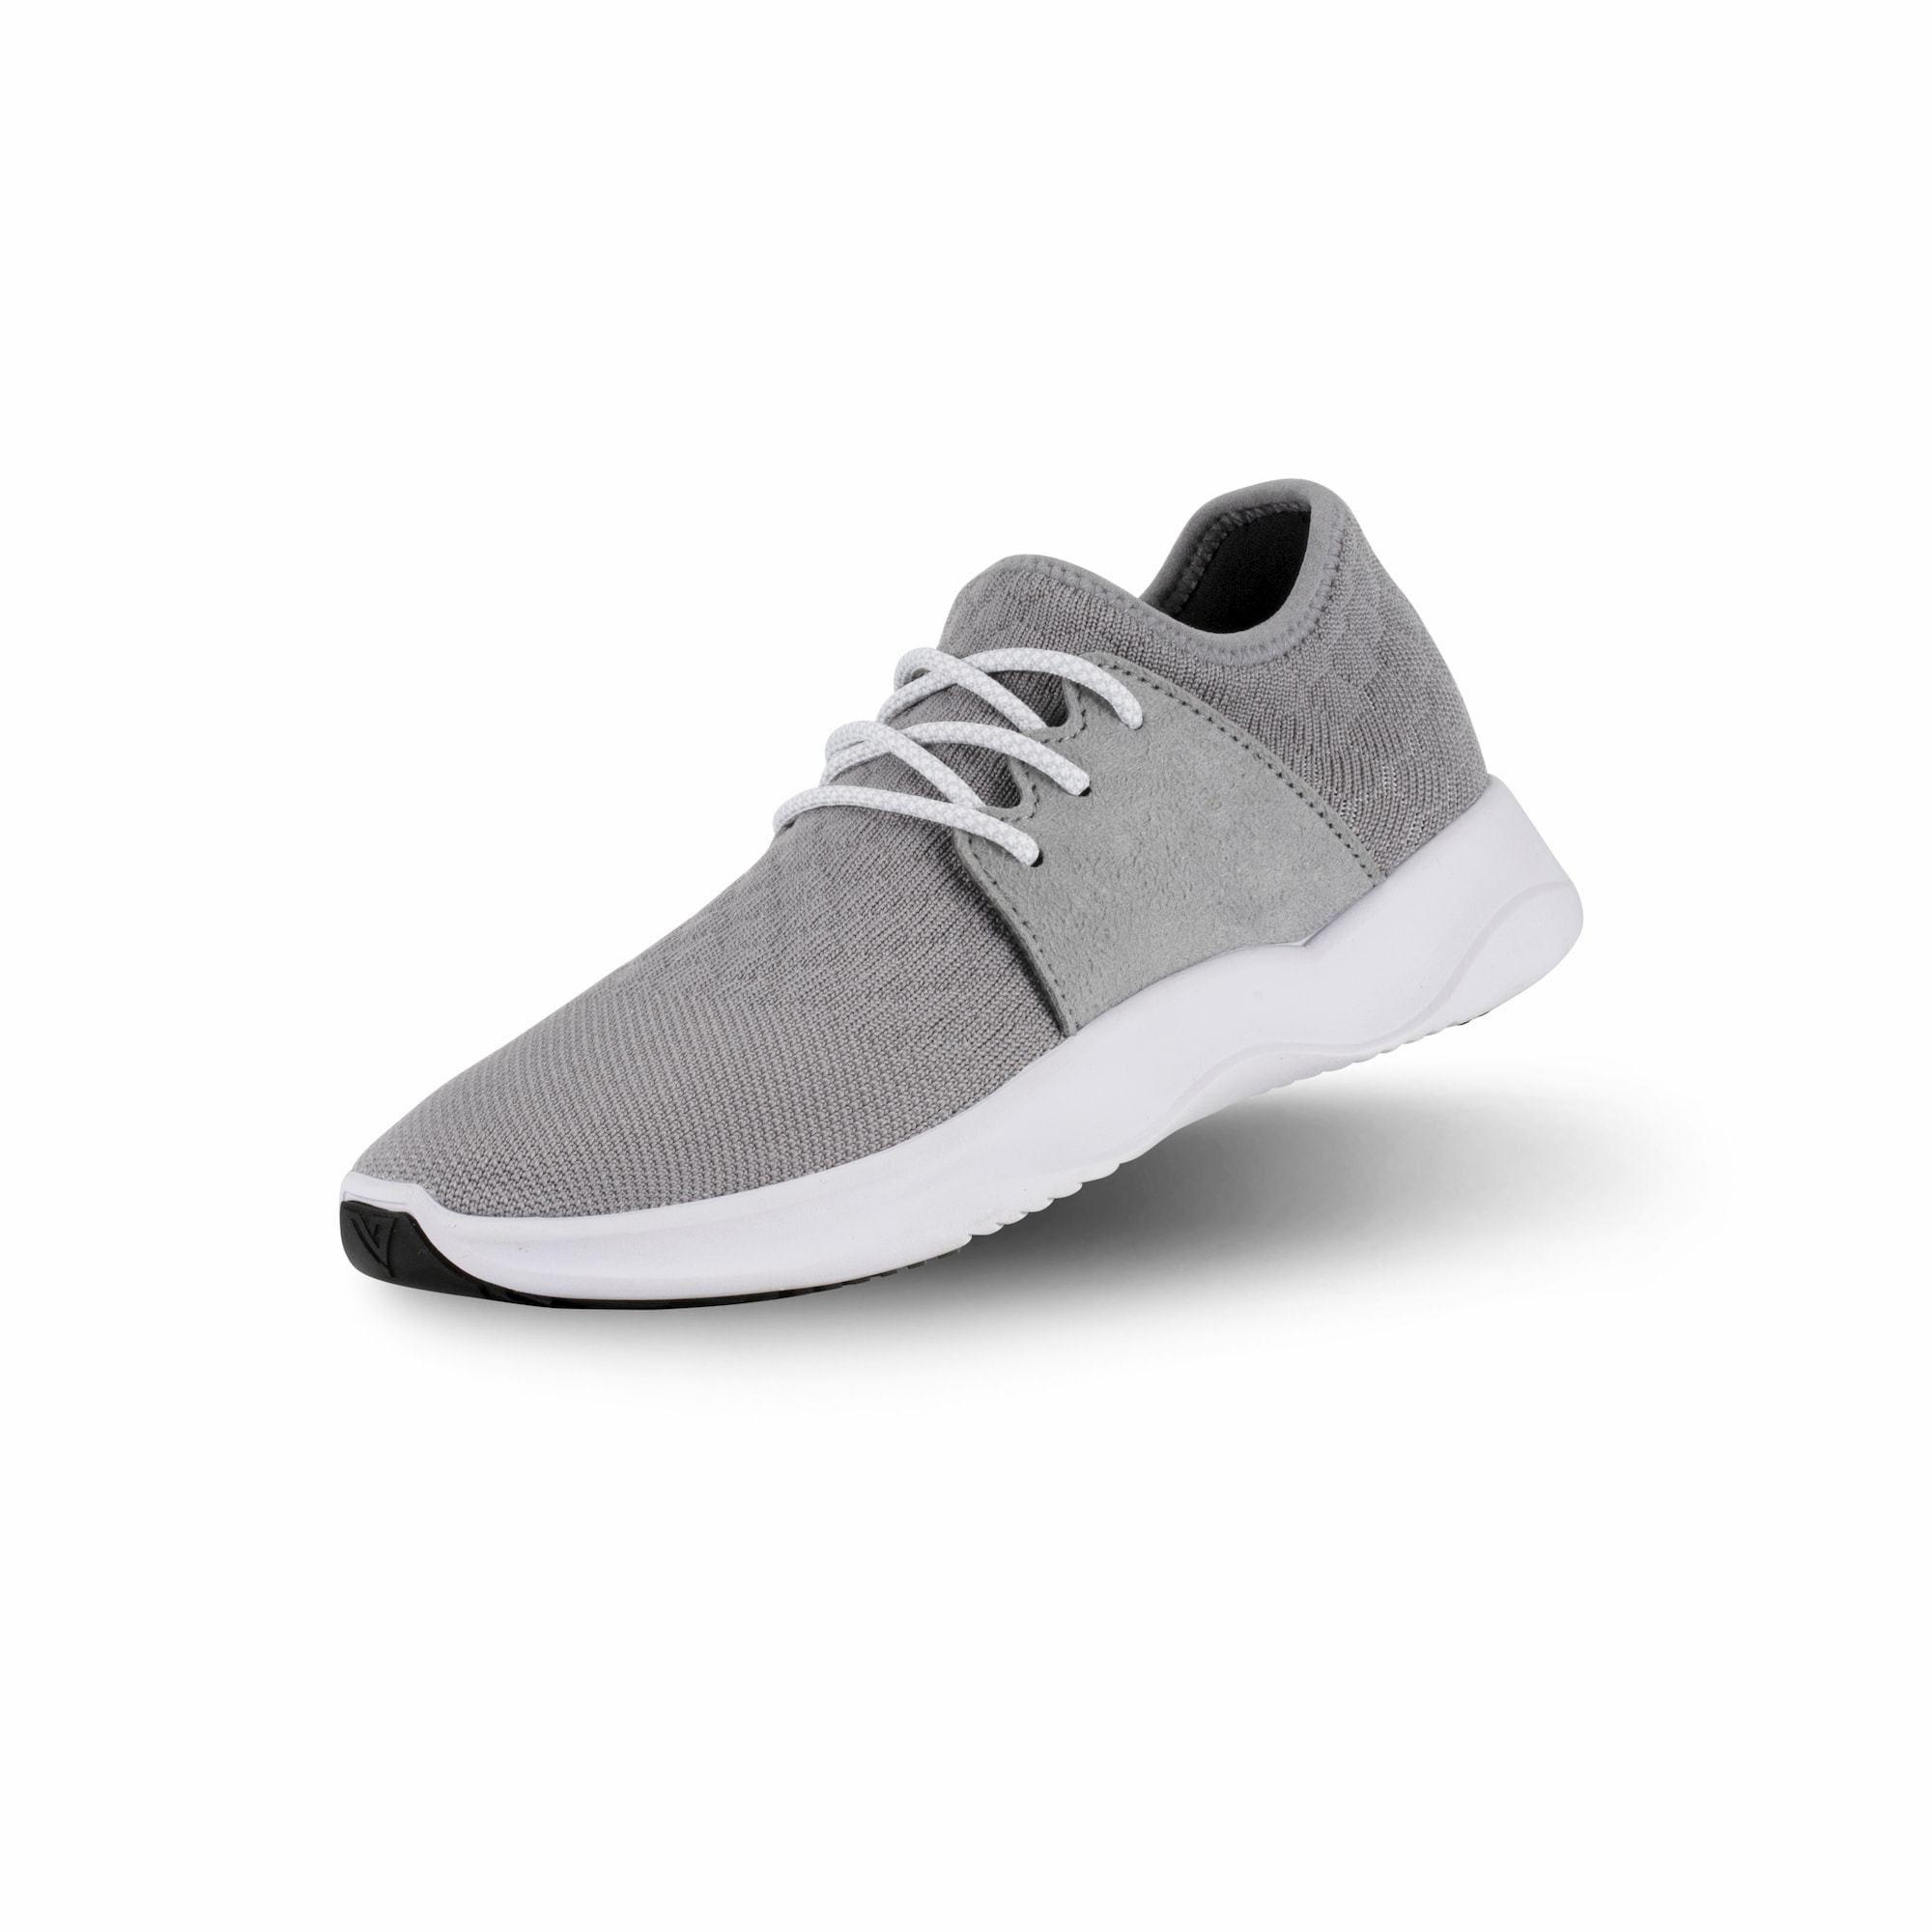 Everyday shoes, Waterproof shoes, Vegan